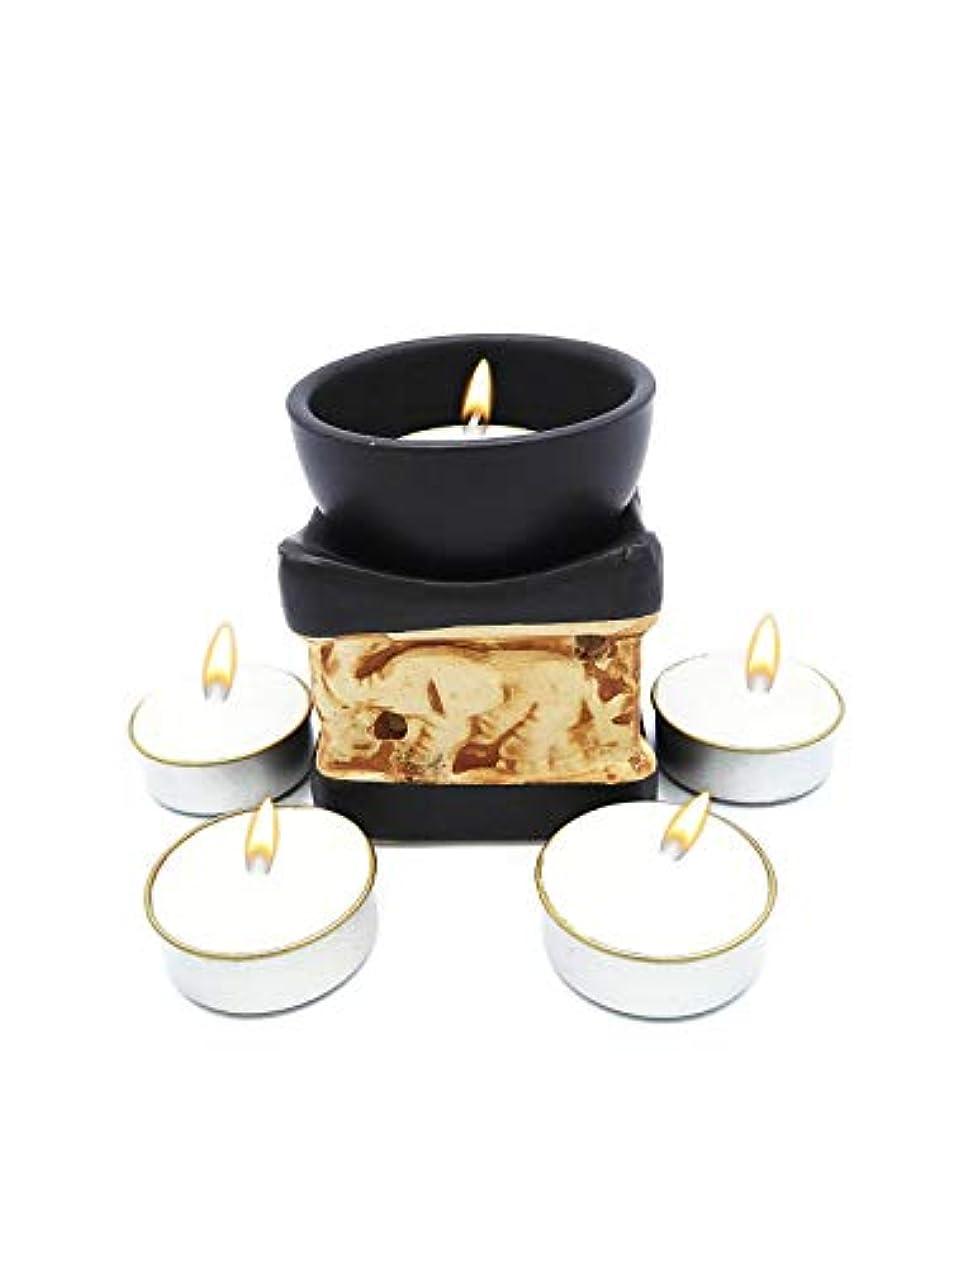 雄弁な哲学的安心させるElephant Essential Oil Burner Tea Light Candle Holder for Home Decoration & Aromatherapy *FREE Scented Tea Light...